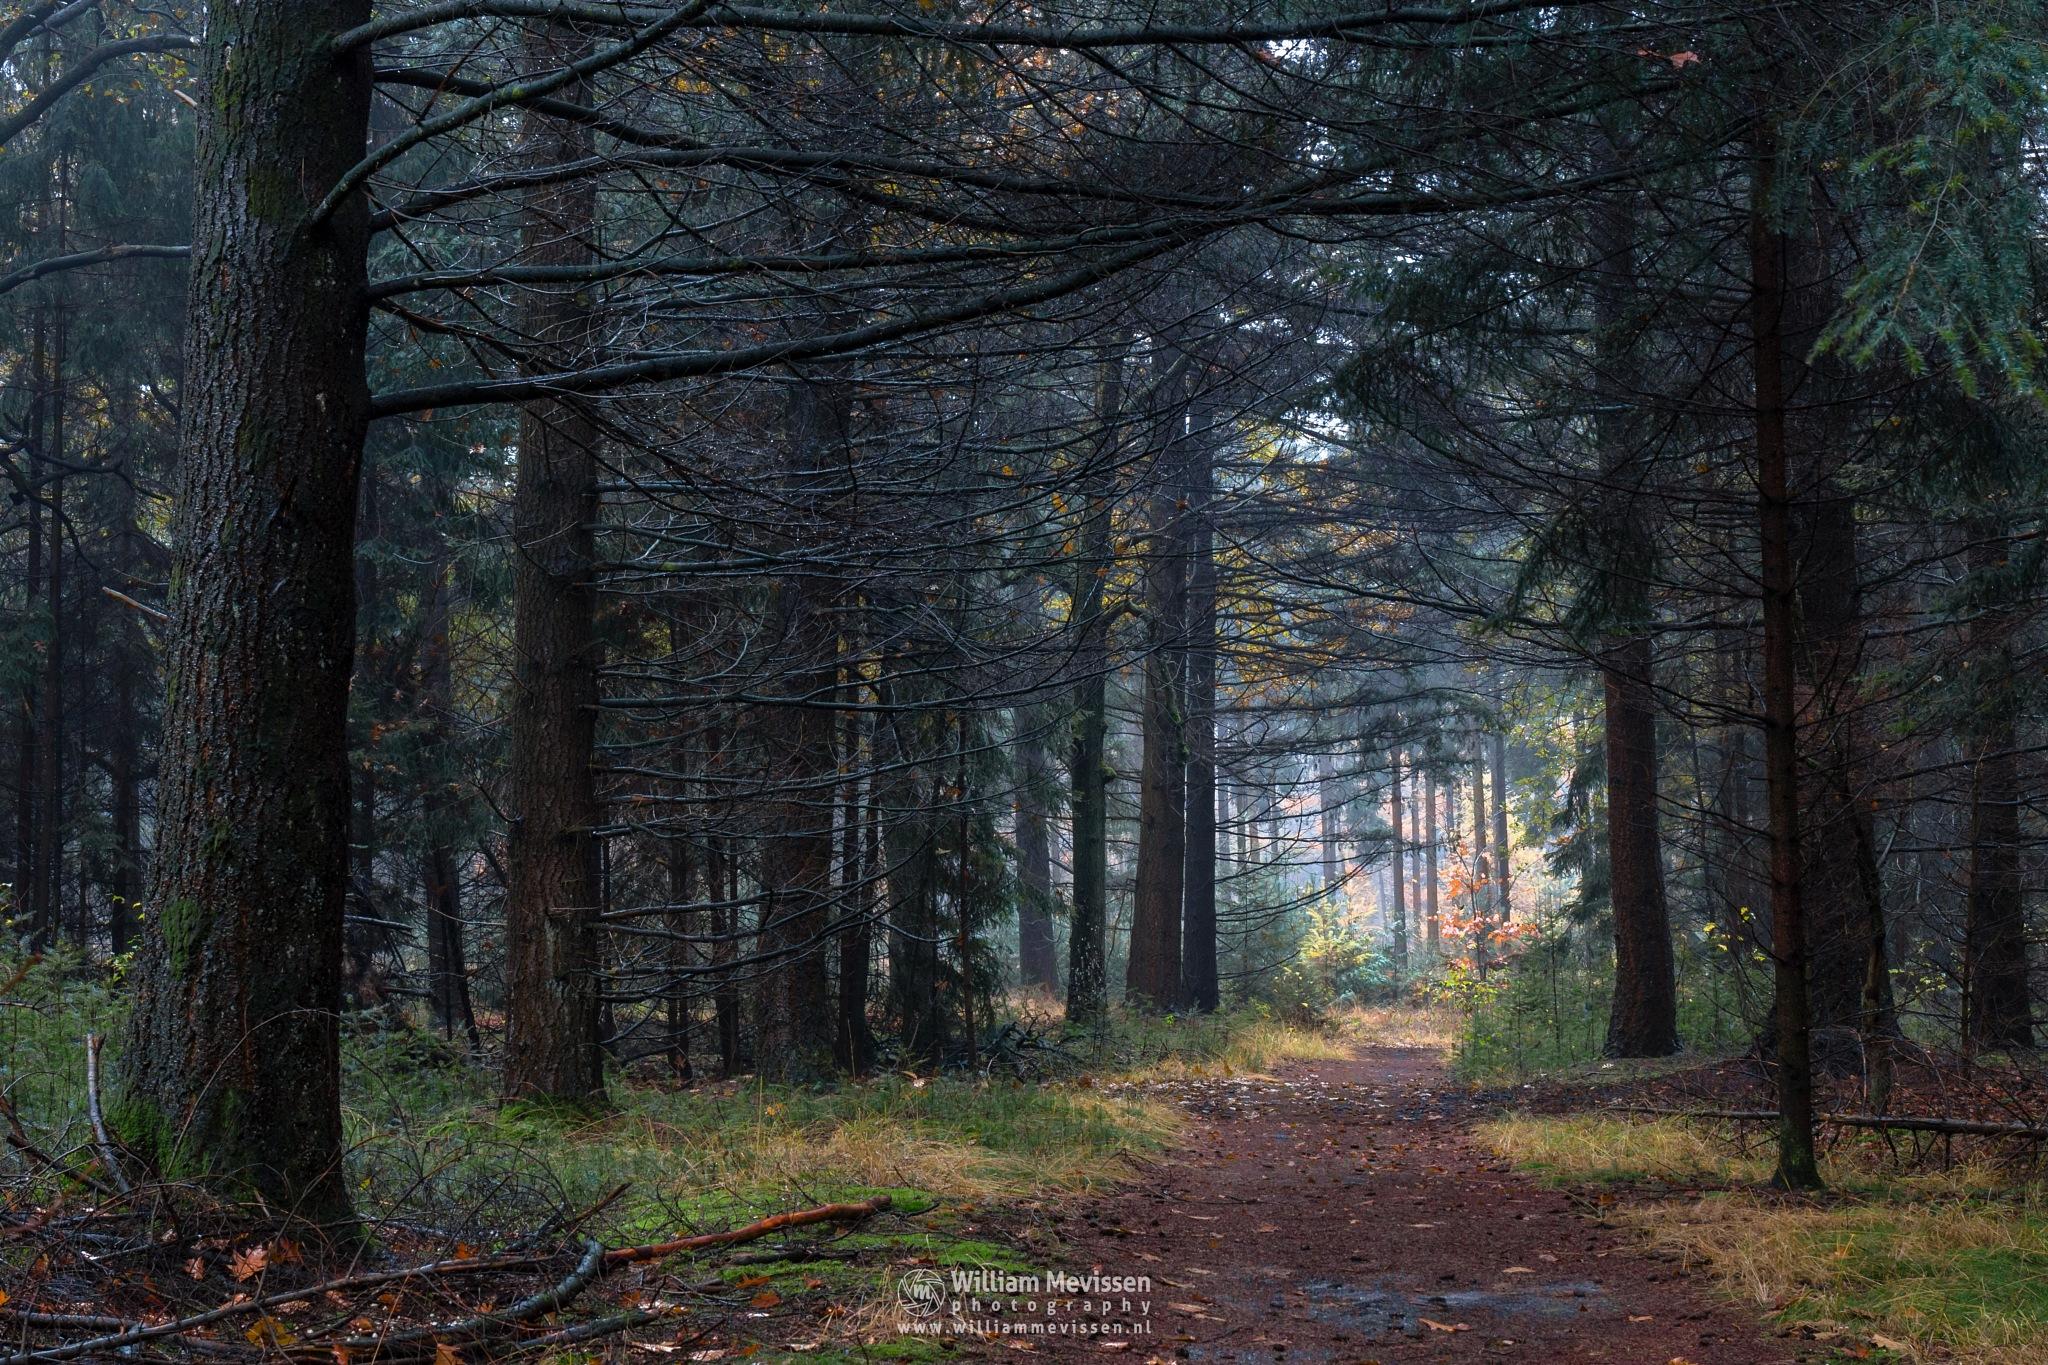 Pine Forest Path by William Mevissen